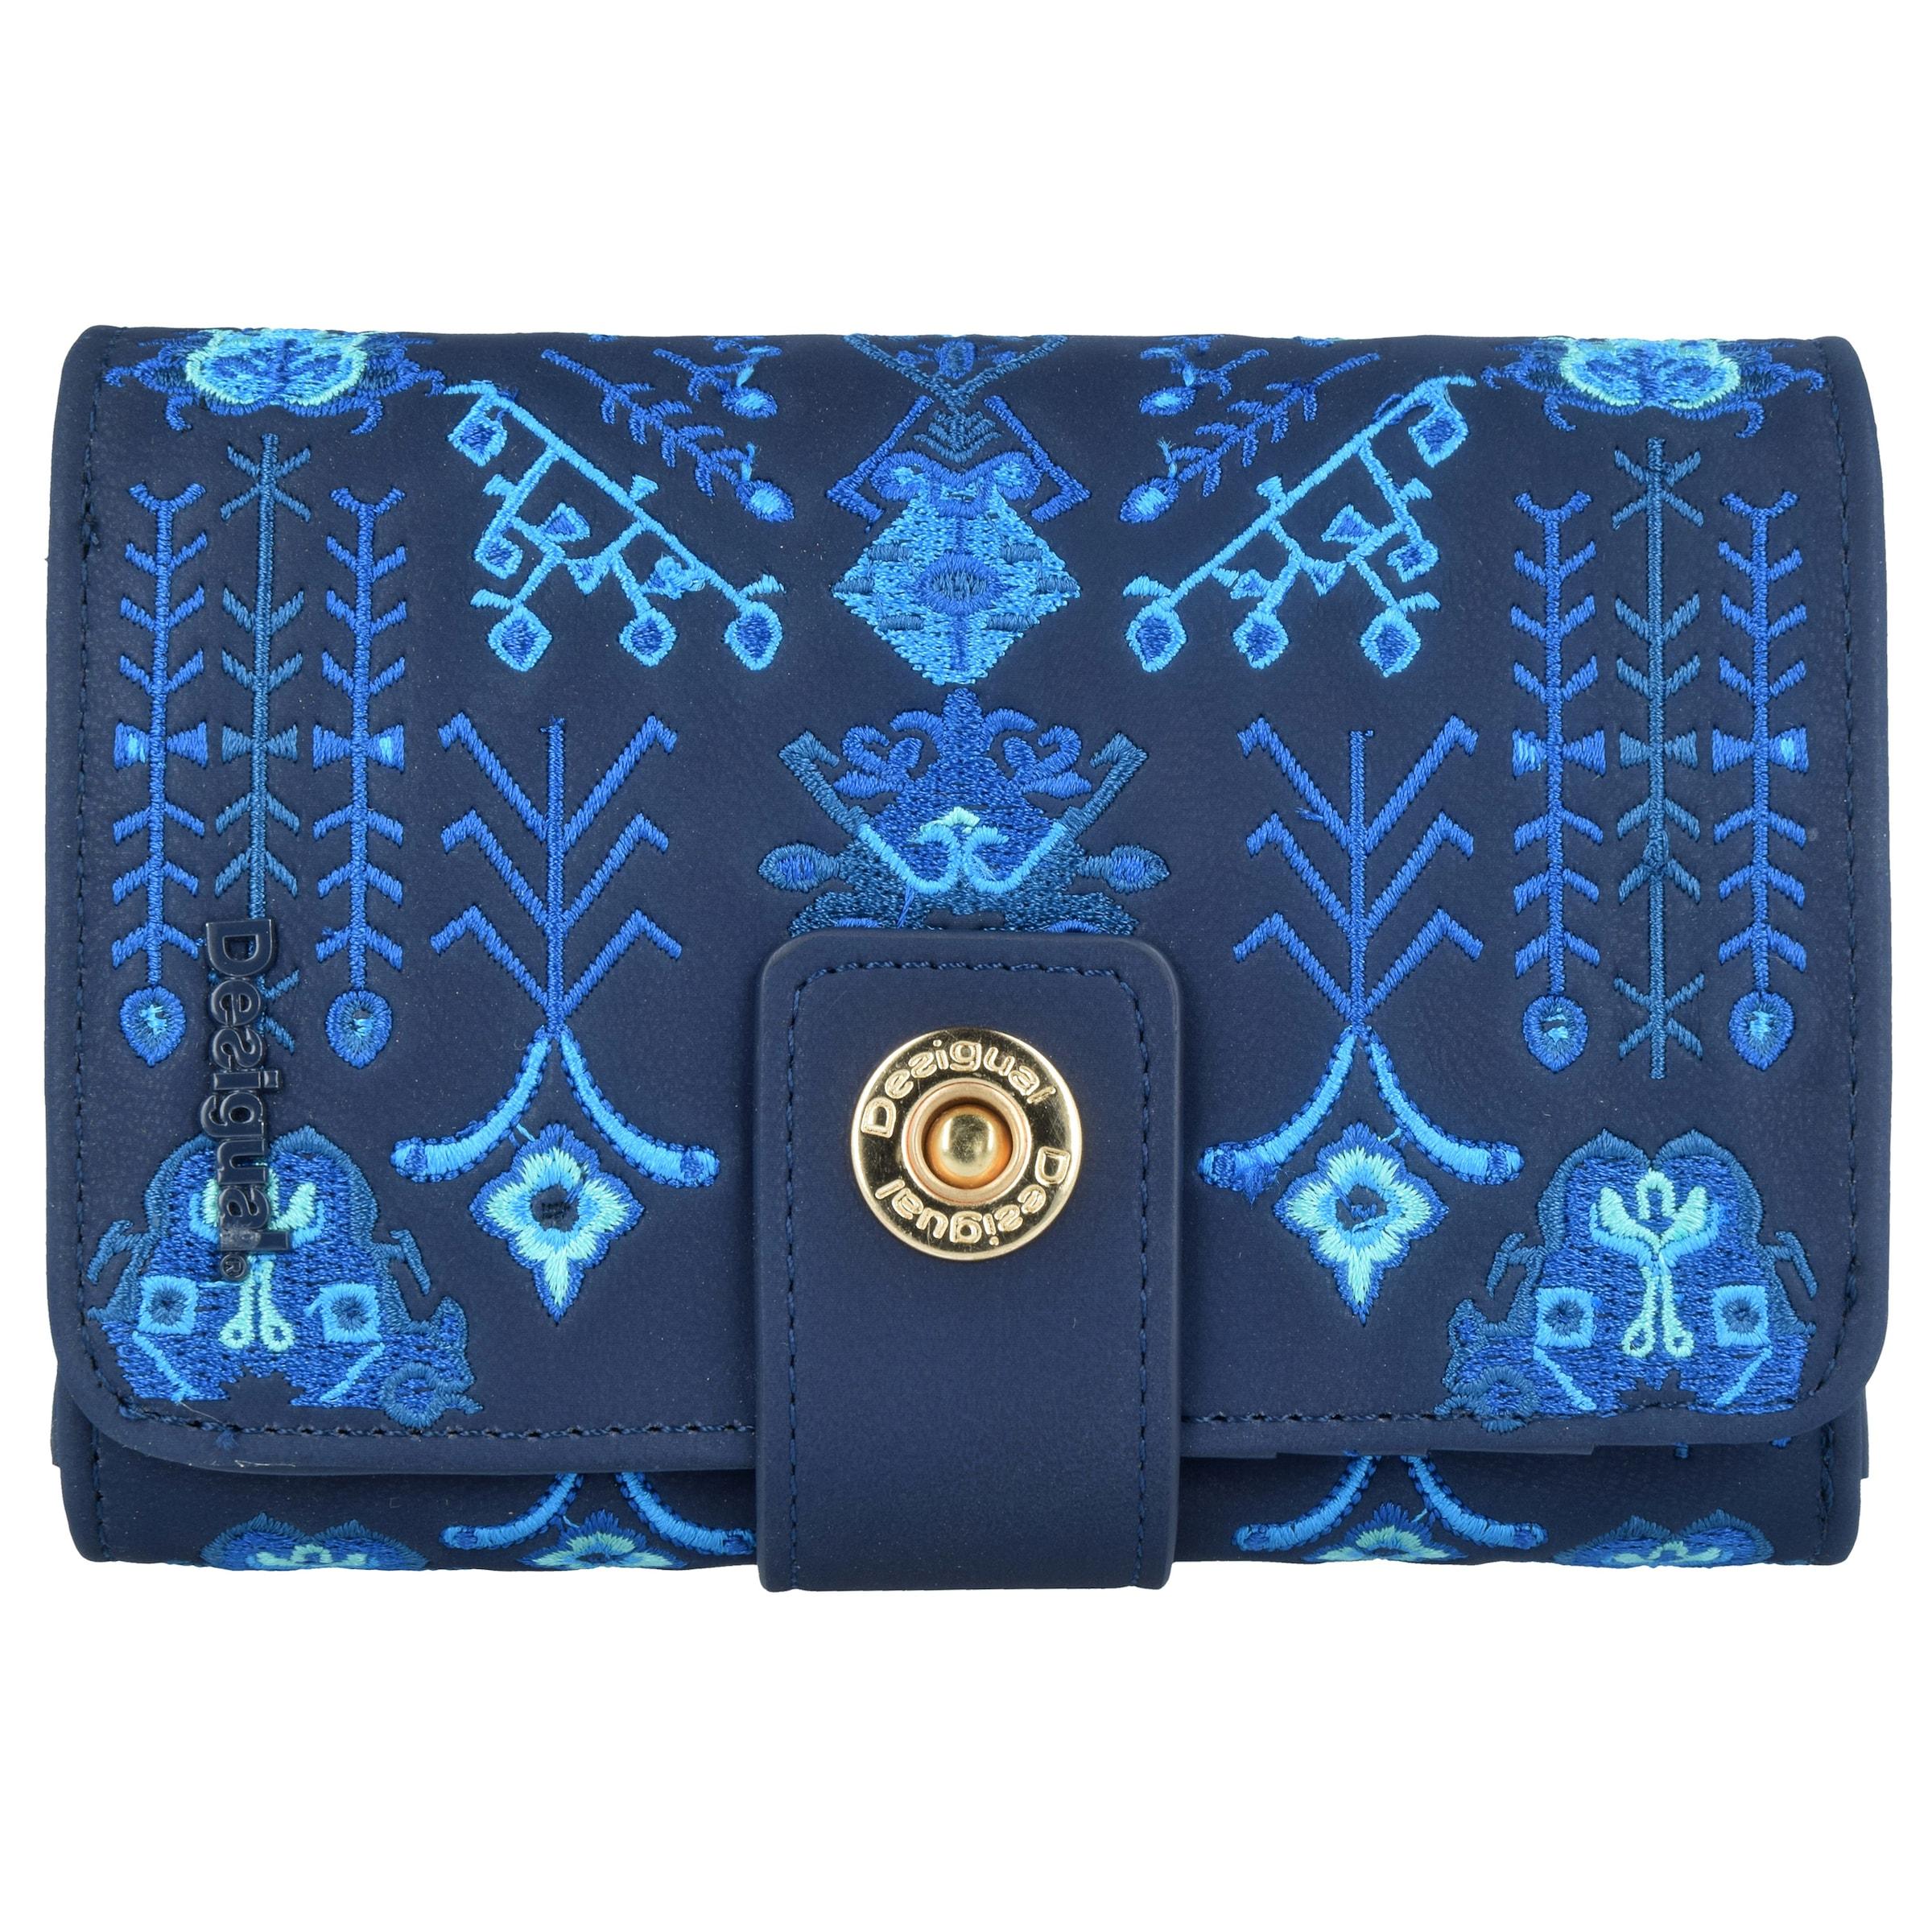 Desigual Thalassa Lengueta Geldbörse 15 cm Wo Zu Kaufen Rabatt Online-Shopping Neuesten Kollektionen Günstiger Preis Spielraum Eastbay 00M6M